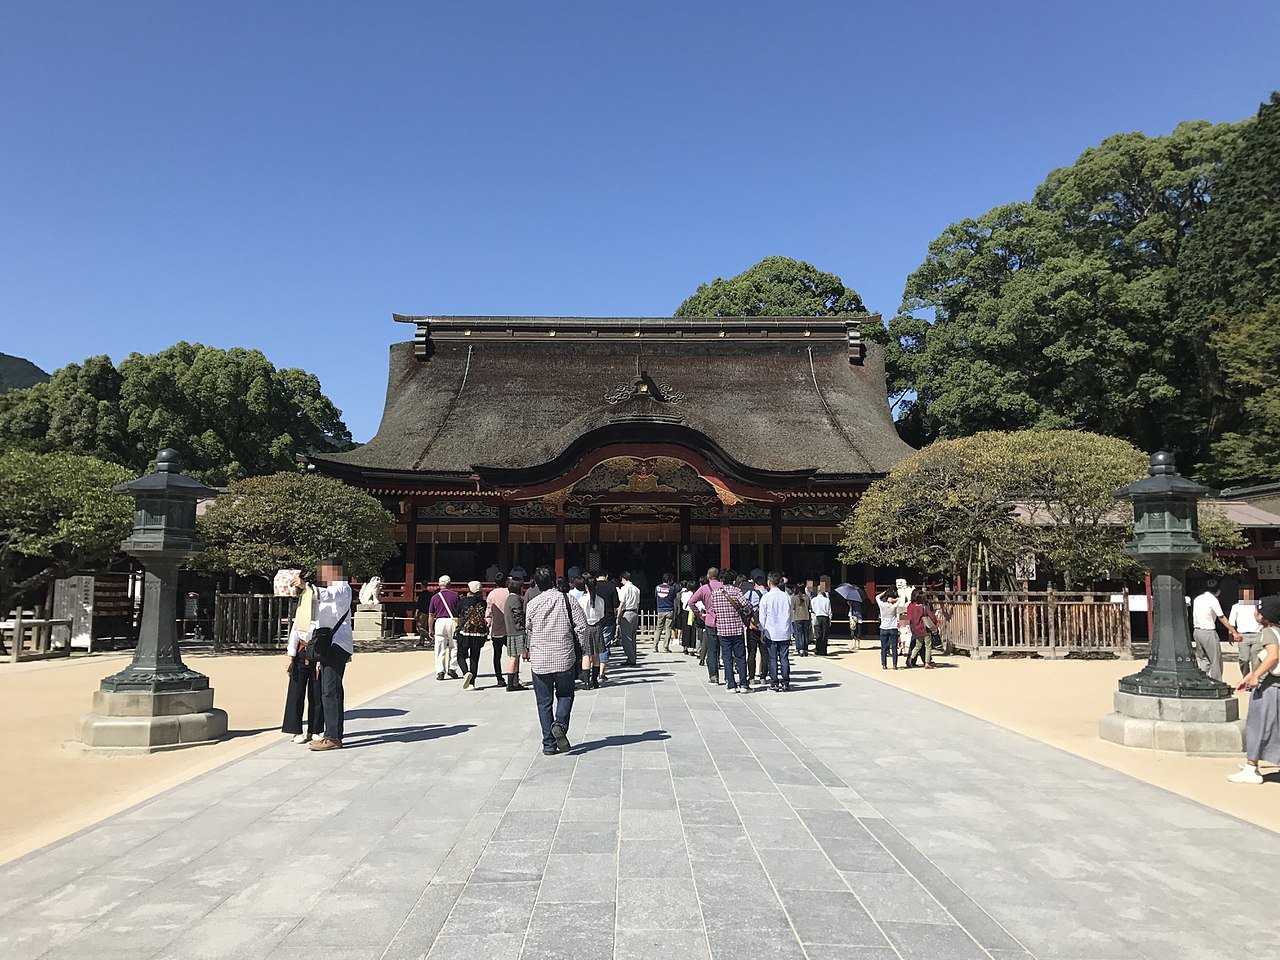 太宰府天滿宮被CNN列為福岡的特色景點之一。圖/取自維基百科